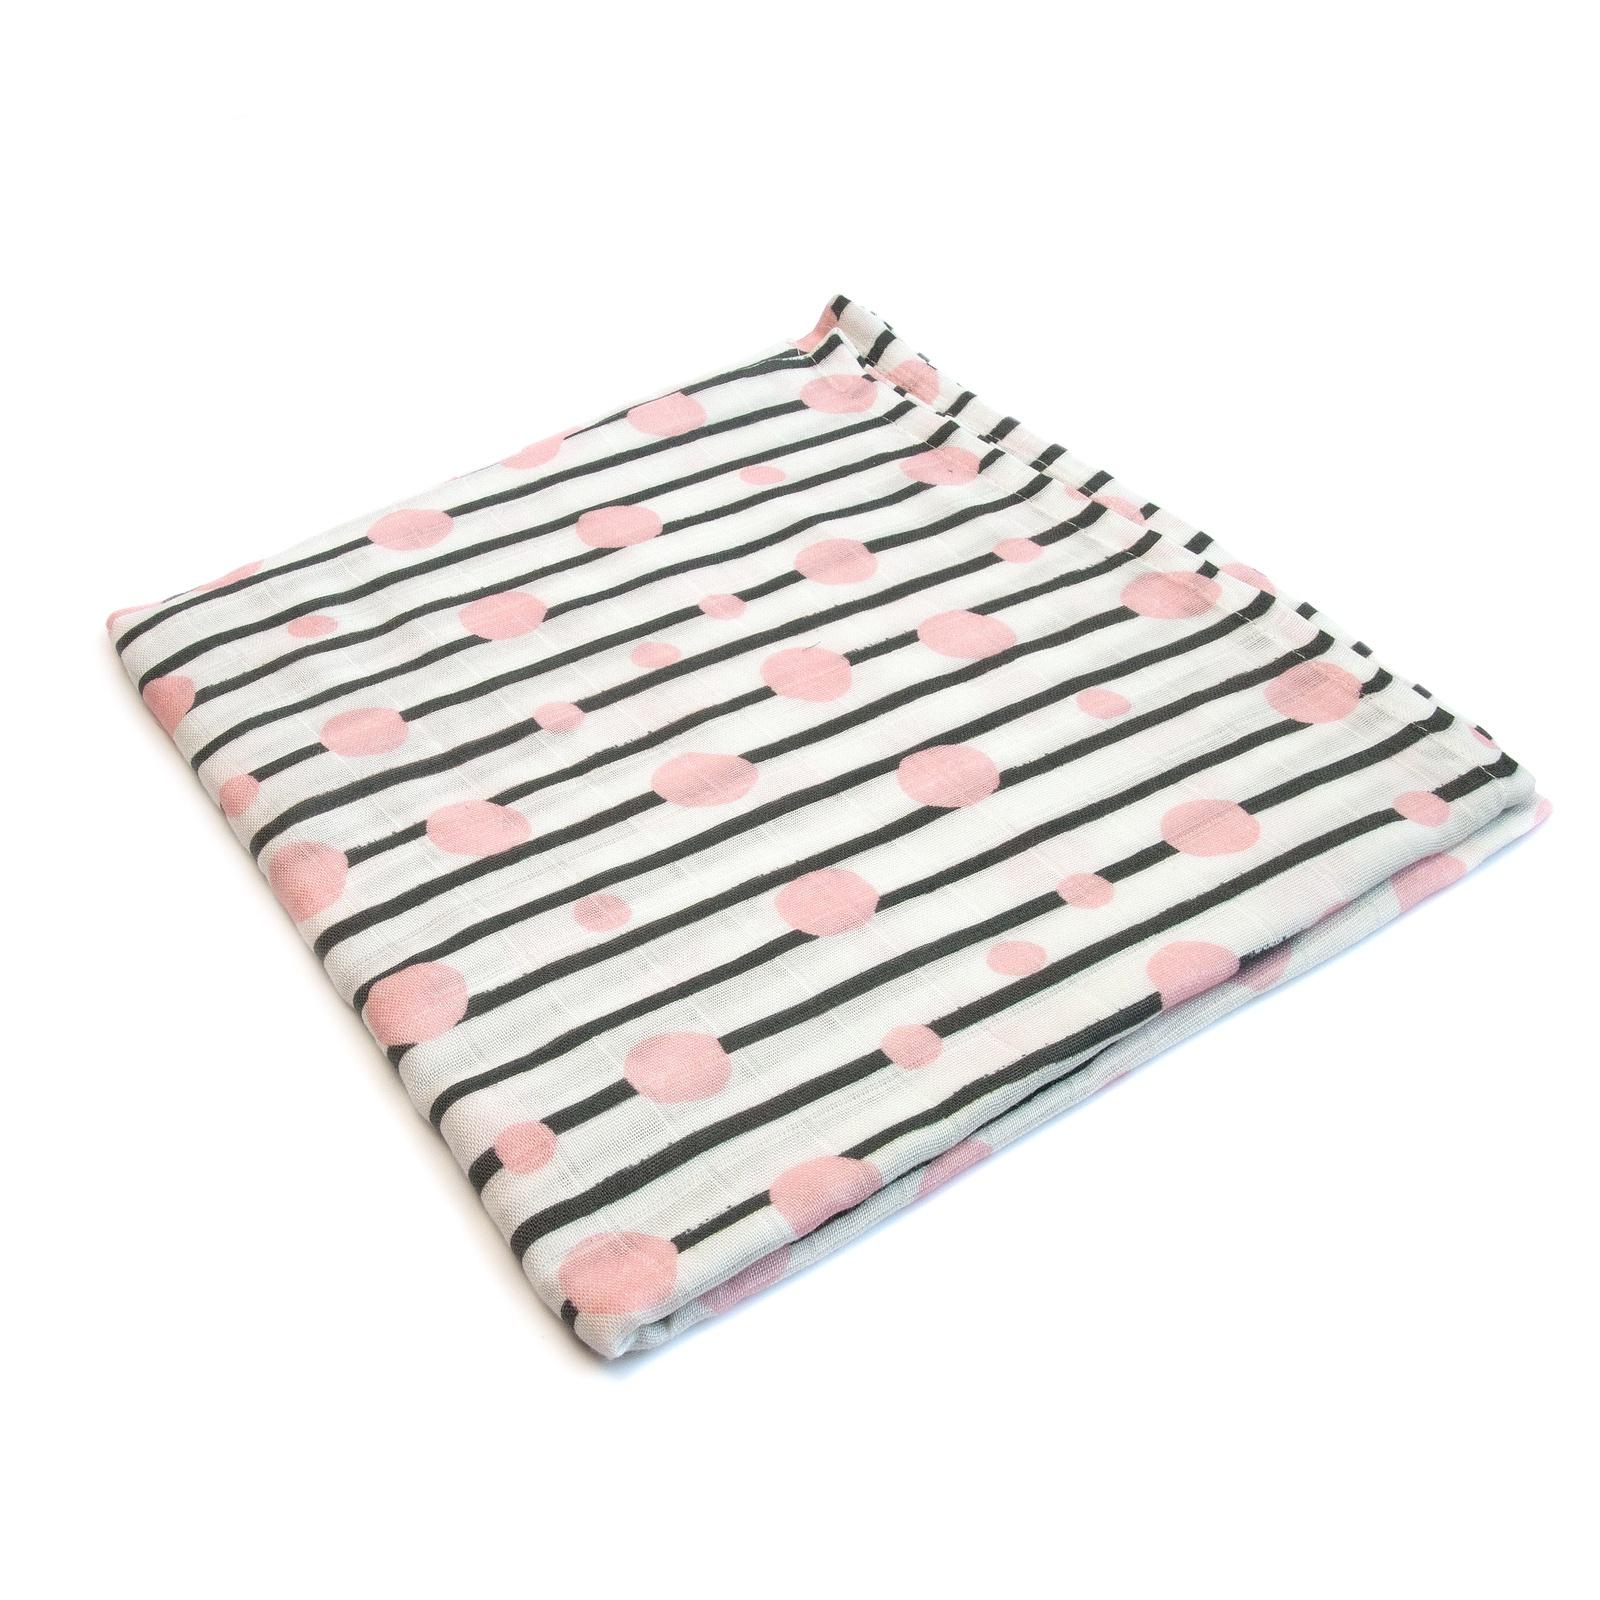 Пеленка текстильная MamSi Муслиновая пеленка Черничные листья белый, черный, розовый